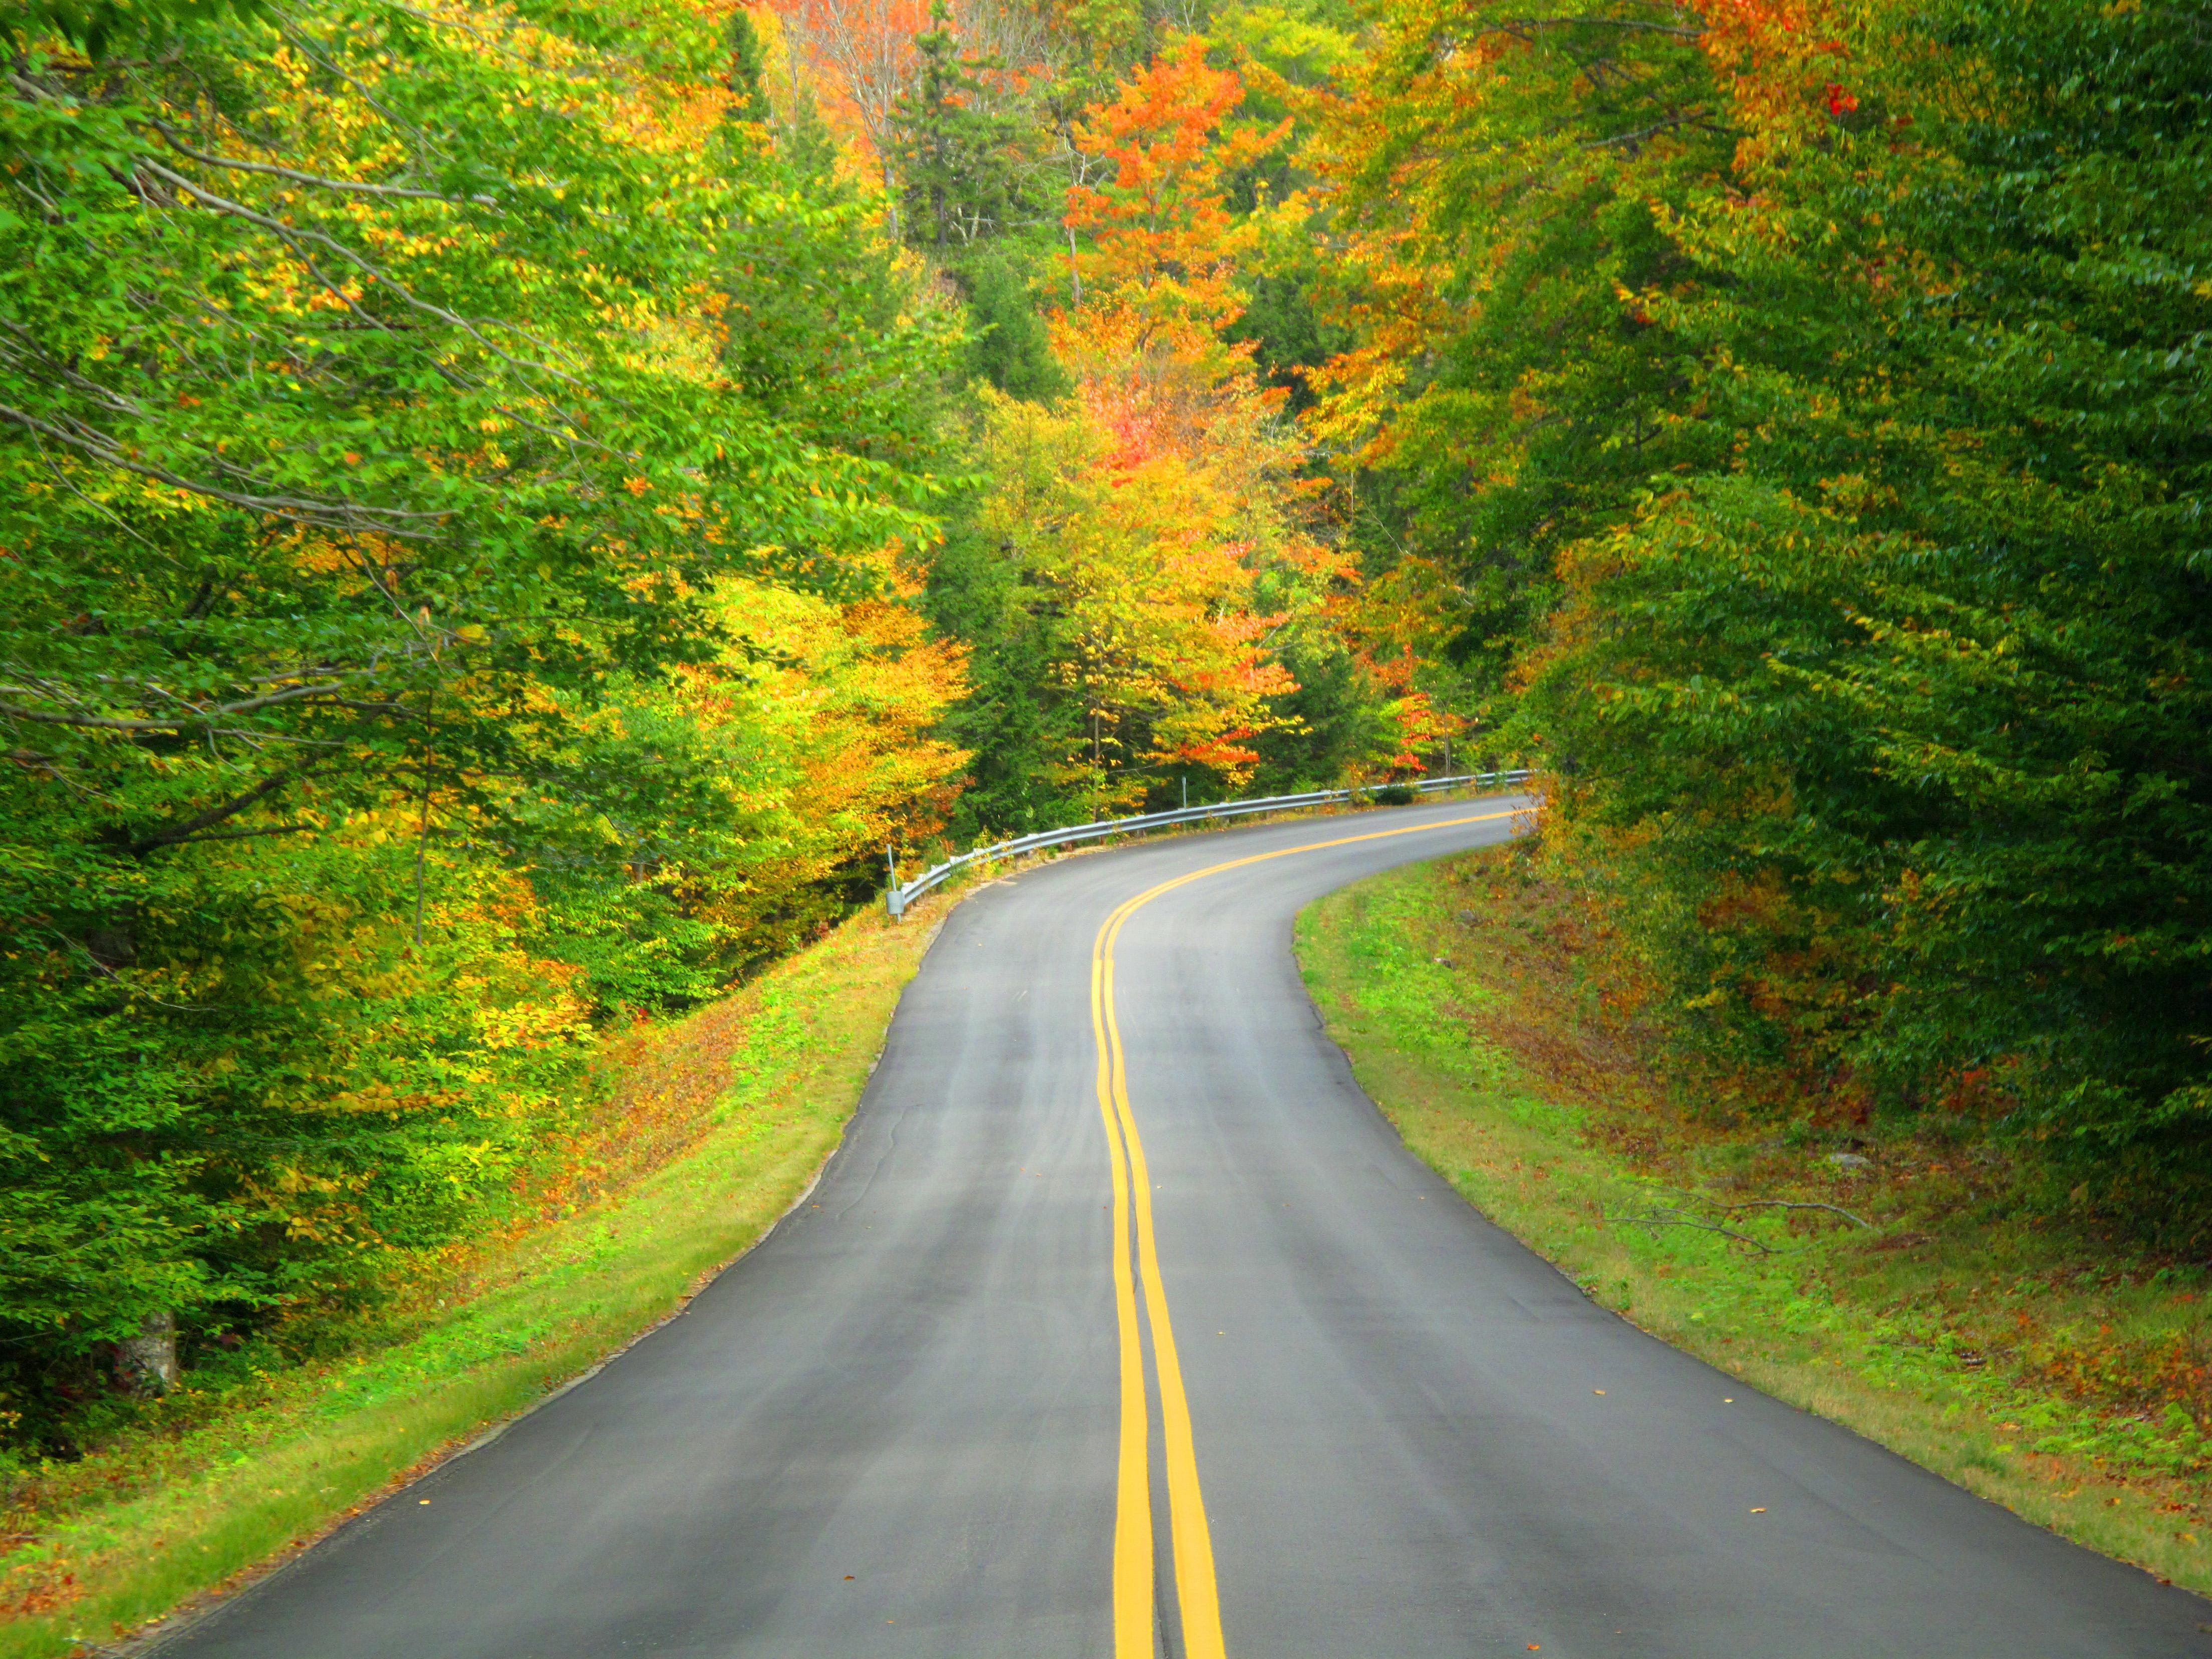 Обои для рабочего стола осенняя дорога, обои дорога осенью ...